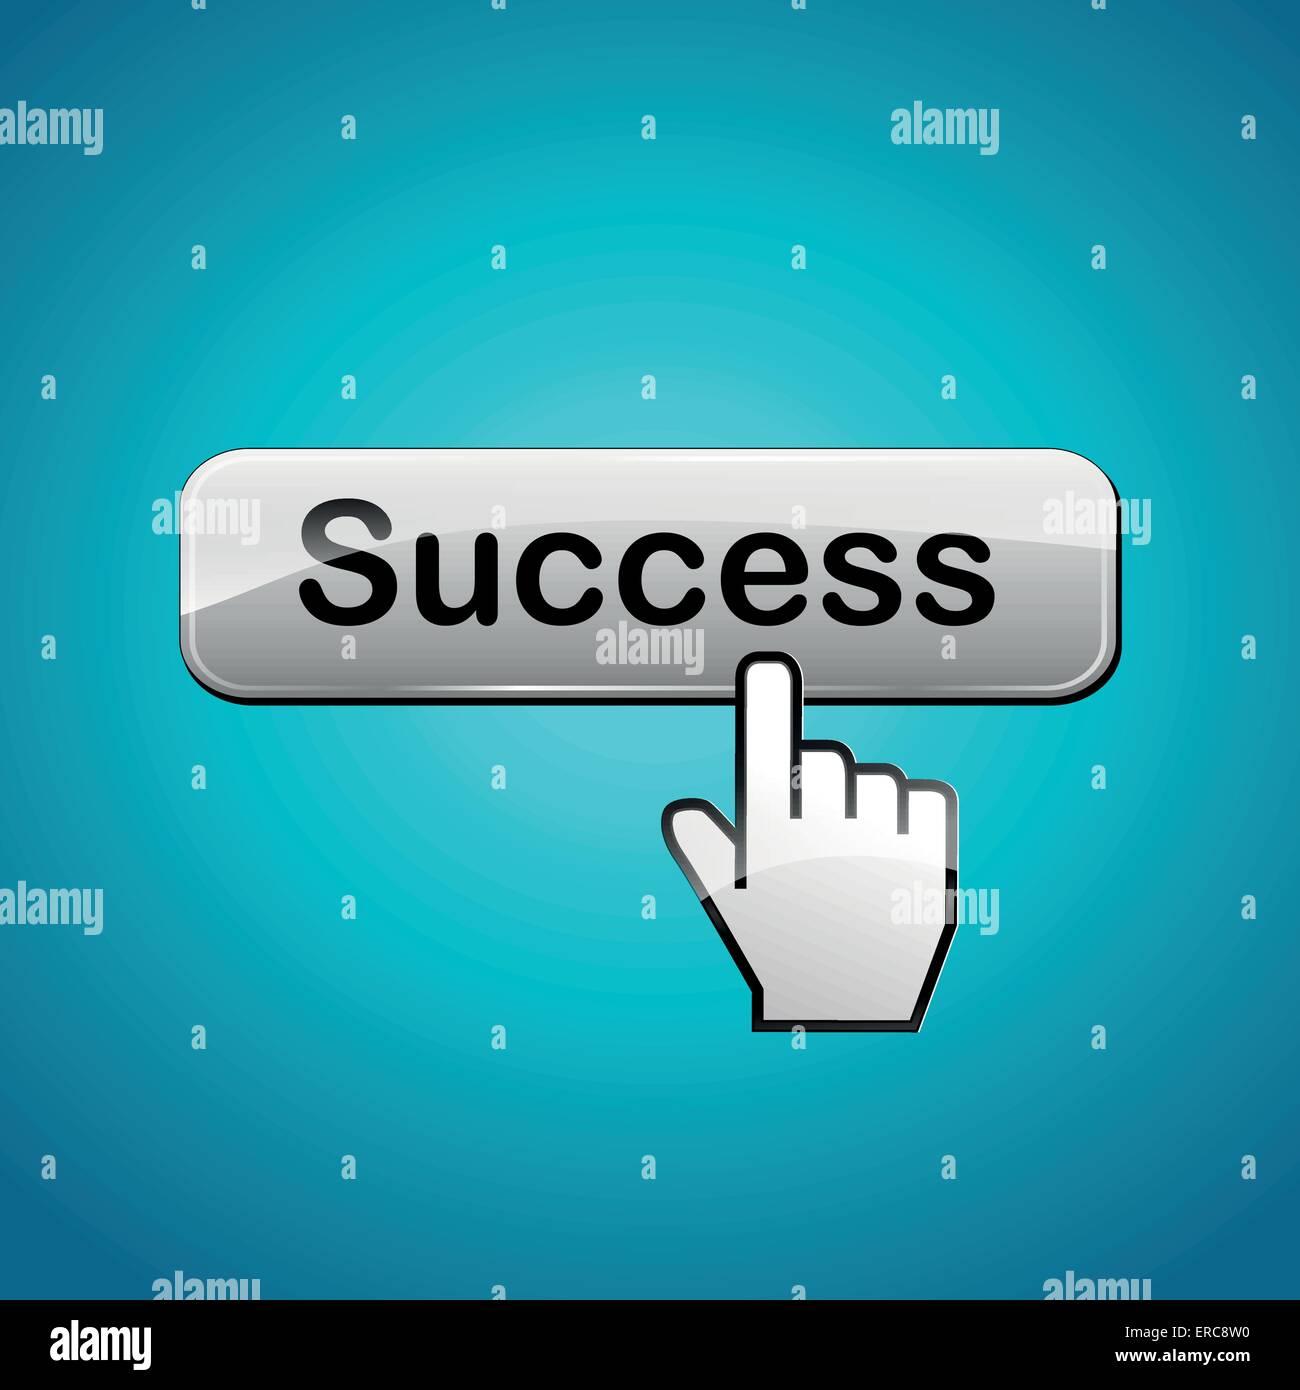 Illustrazione Vettoriale di successo concetto astratto sfondo Immagini Stock